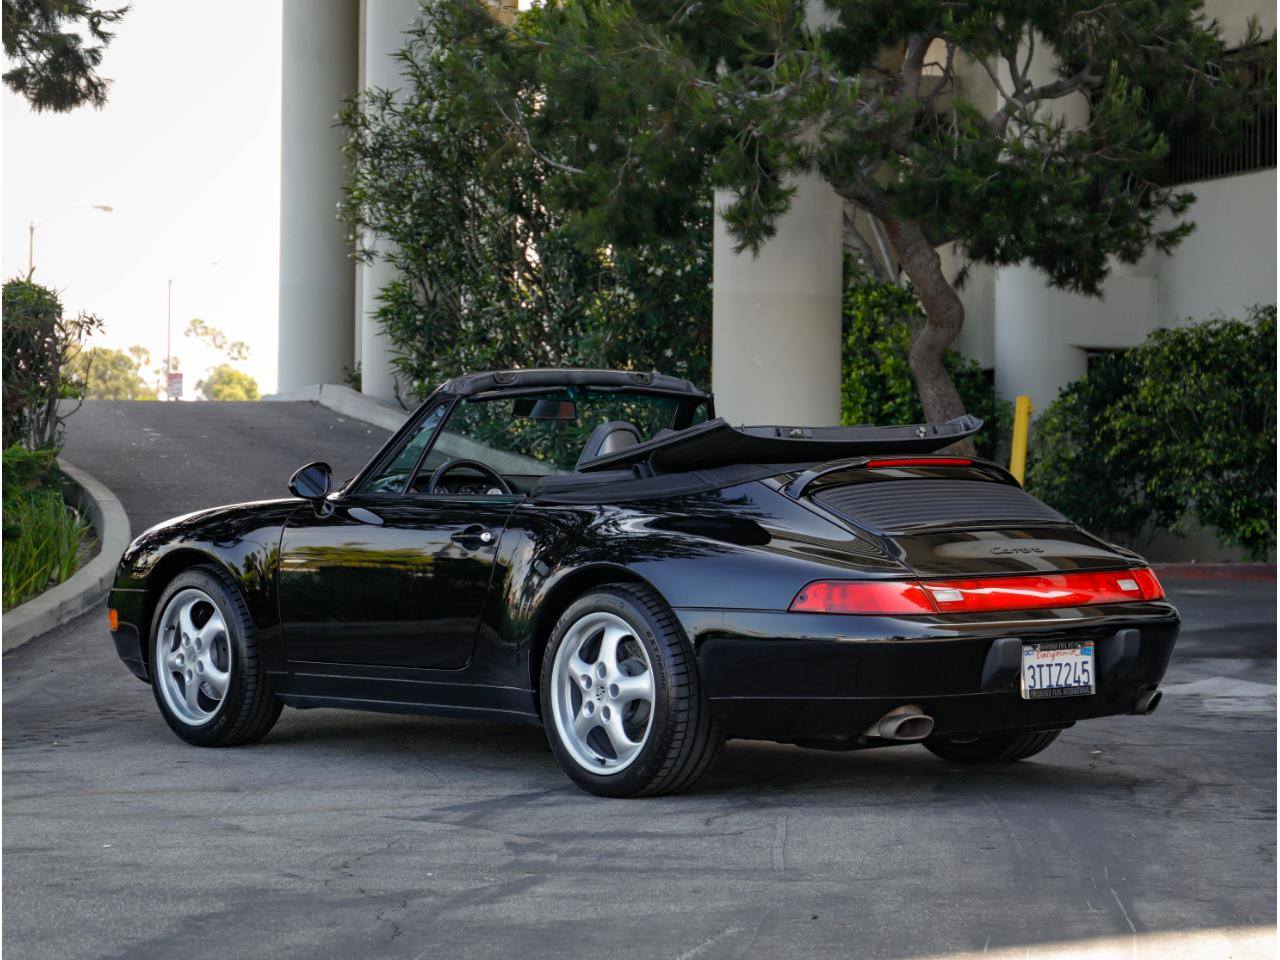 Large Picture of 1997 Porsche 993 located in Marina Del Rey California - $67,500.00 - QKZ2